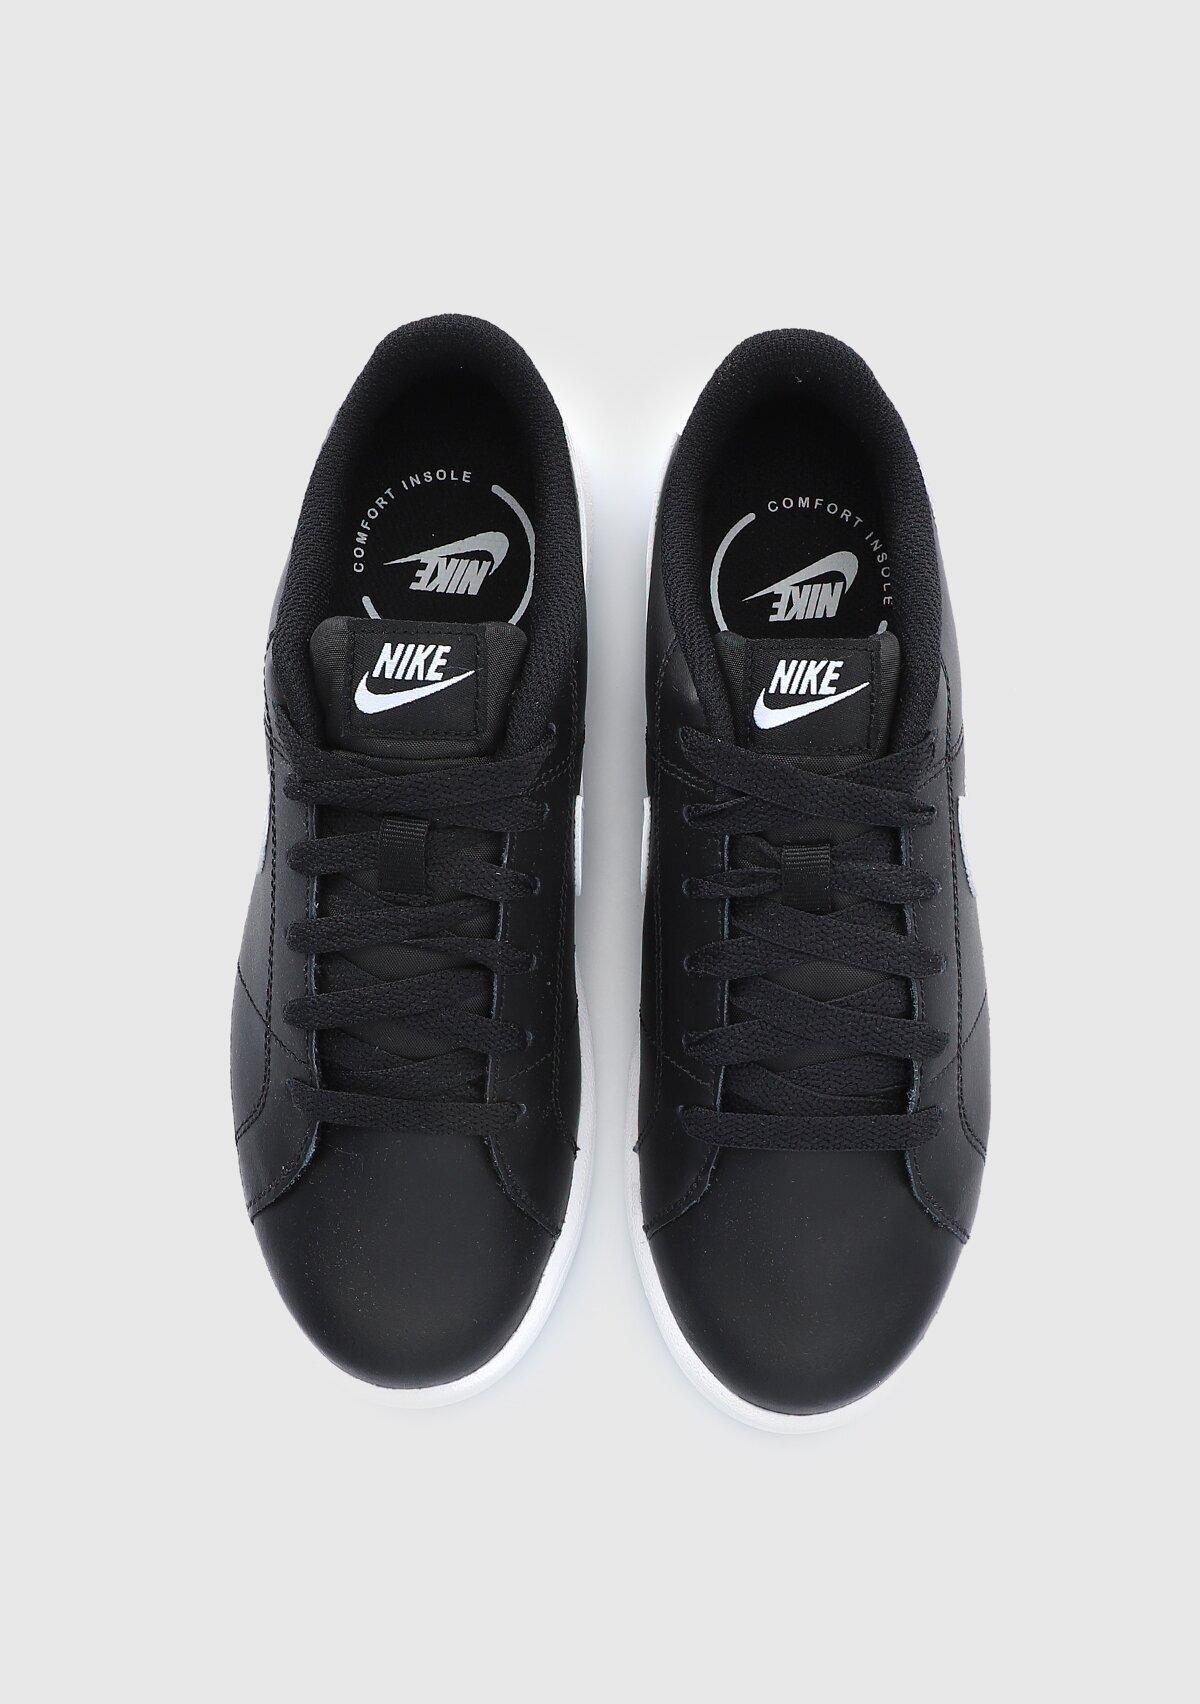 resm Court Royale 2 Siyah Kadın Tenis Ayakkabısı Cu9038